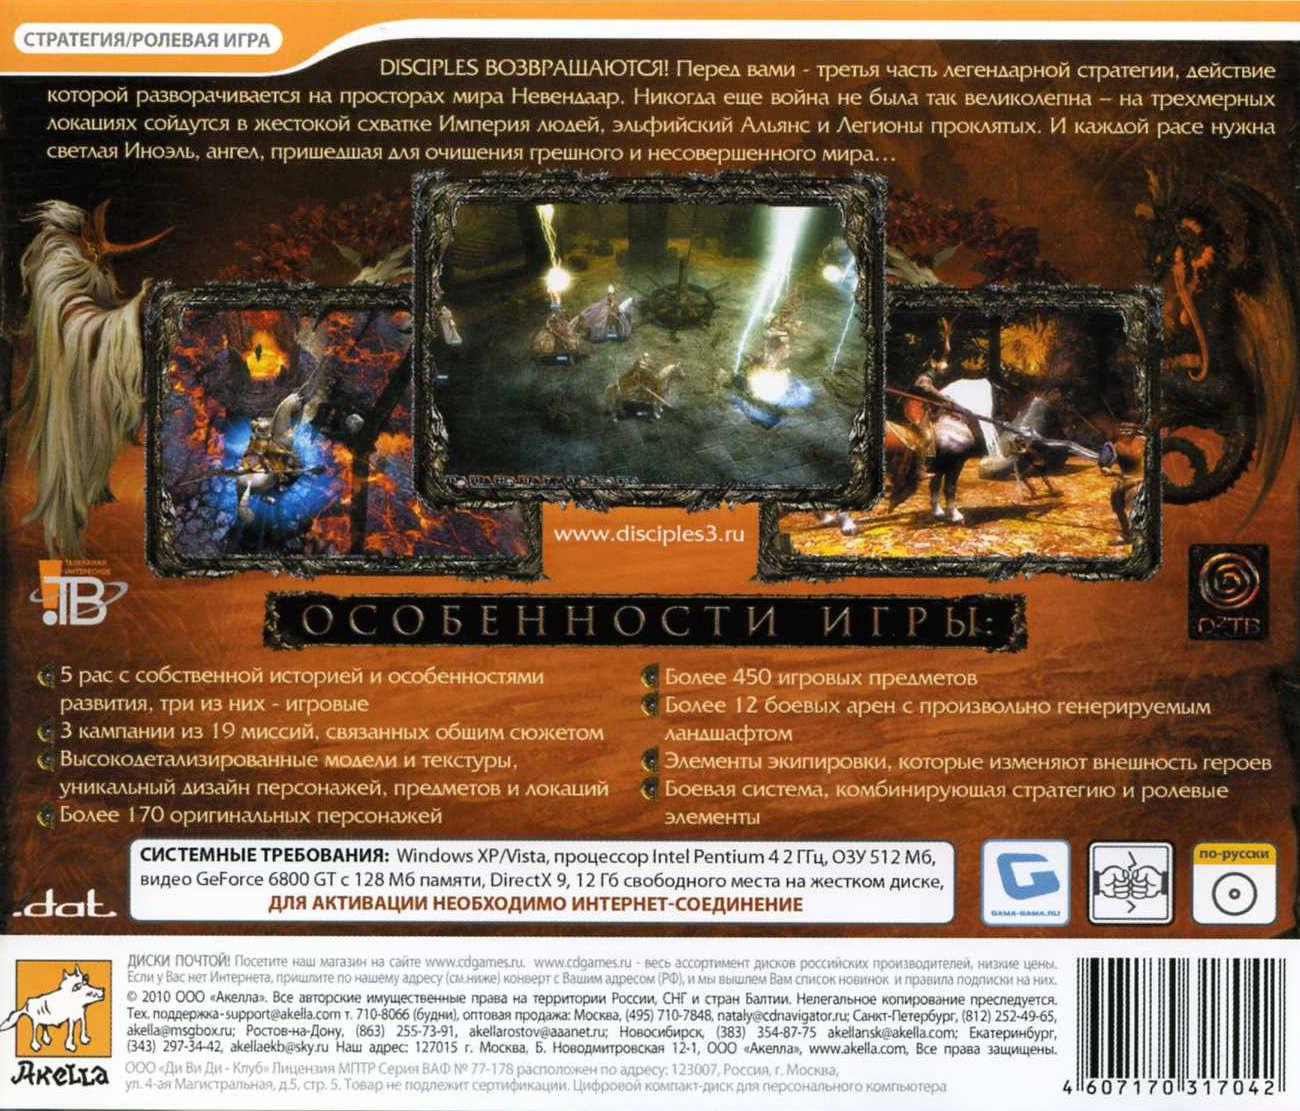 Лицензионный ключ (CD KEY) из коробки с игрой Disciples III Ренессанс.